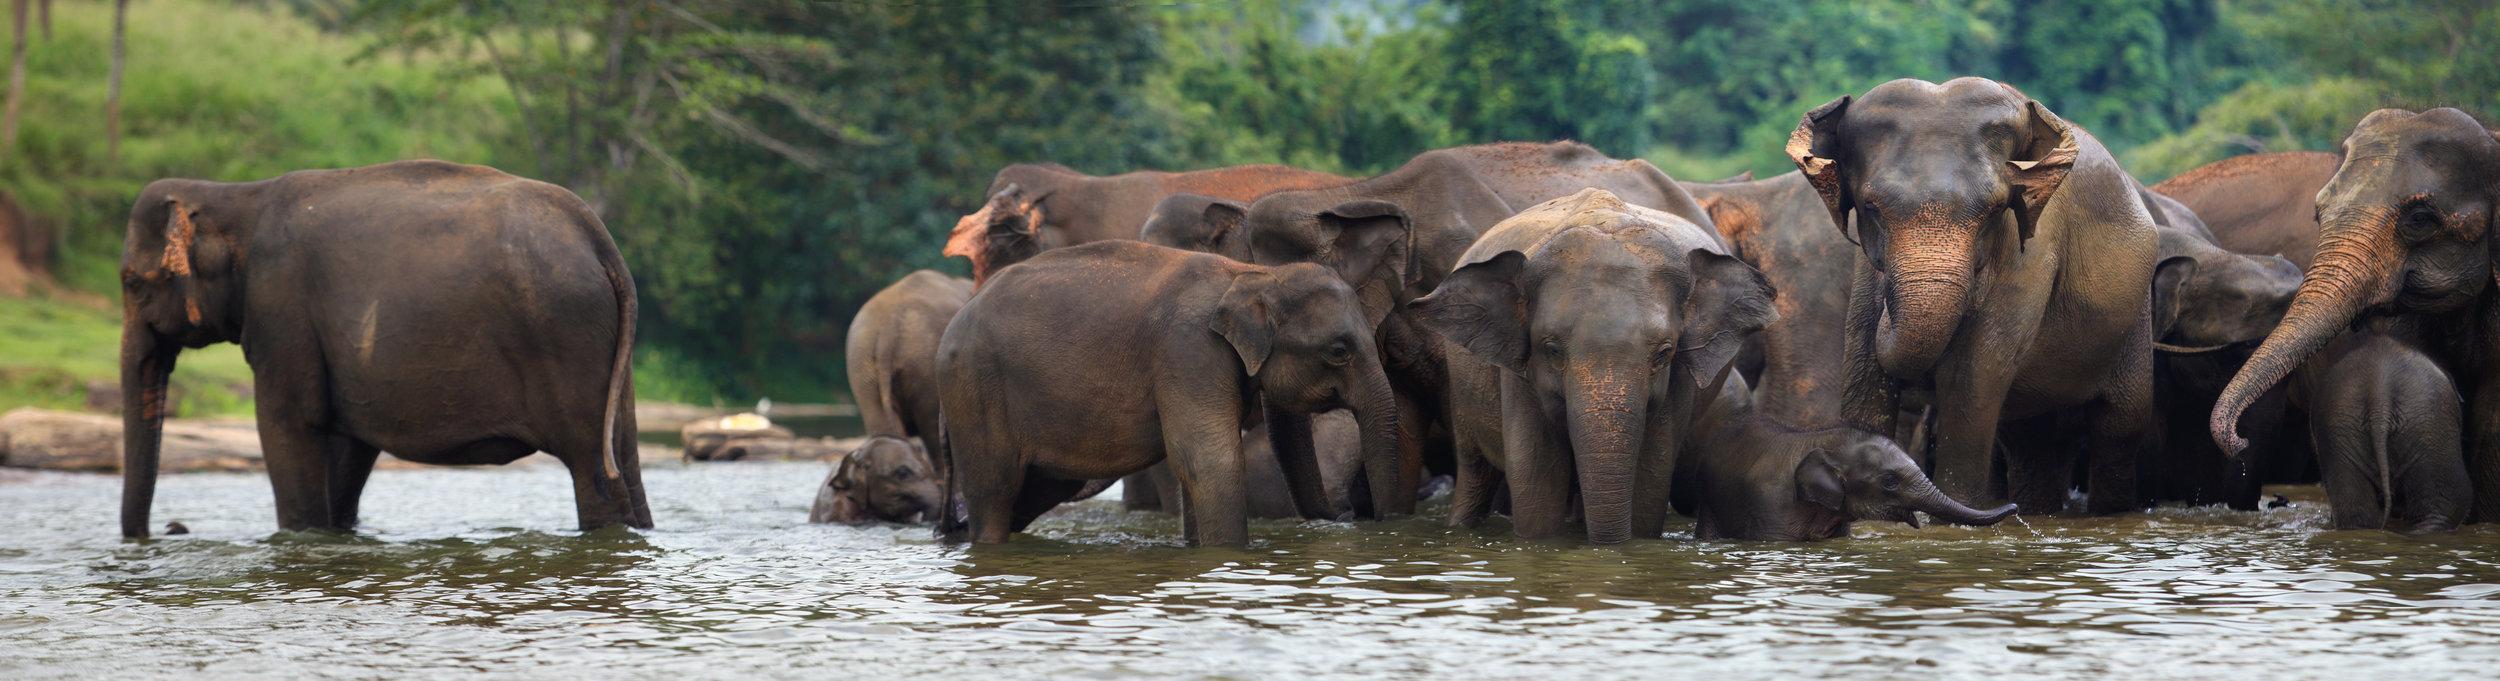 invite-to-paradise-sri-lanka-holiday-honeymoon-specialists-srilankan-elephants-river.jpg